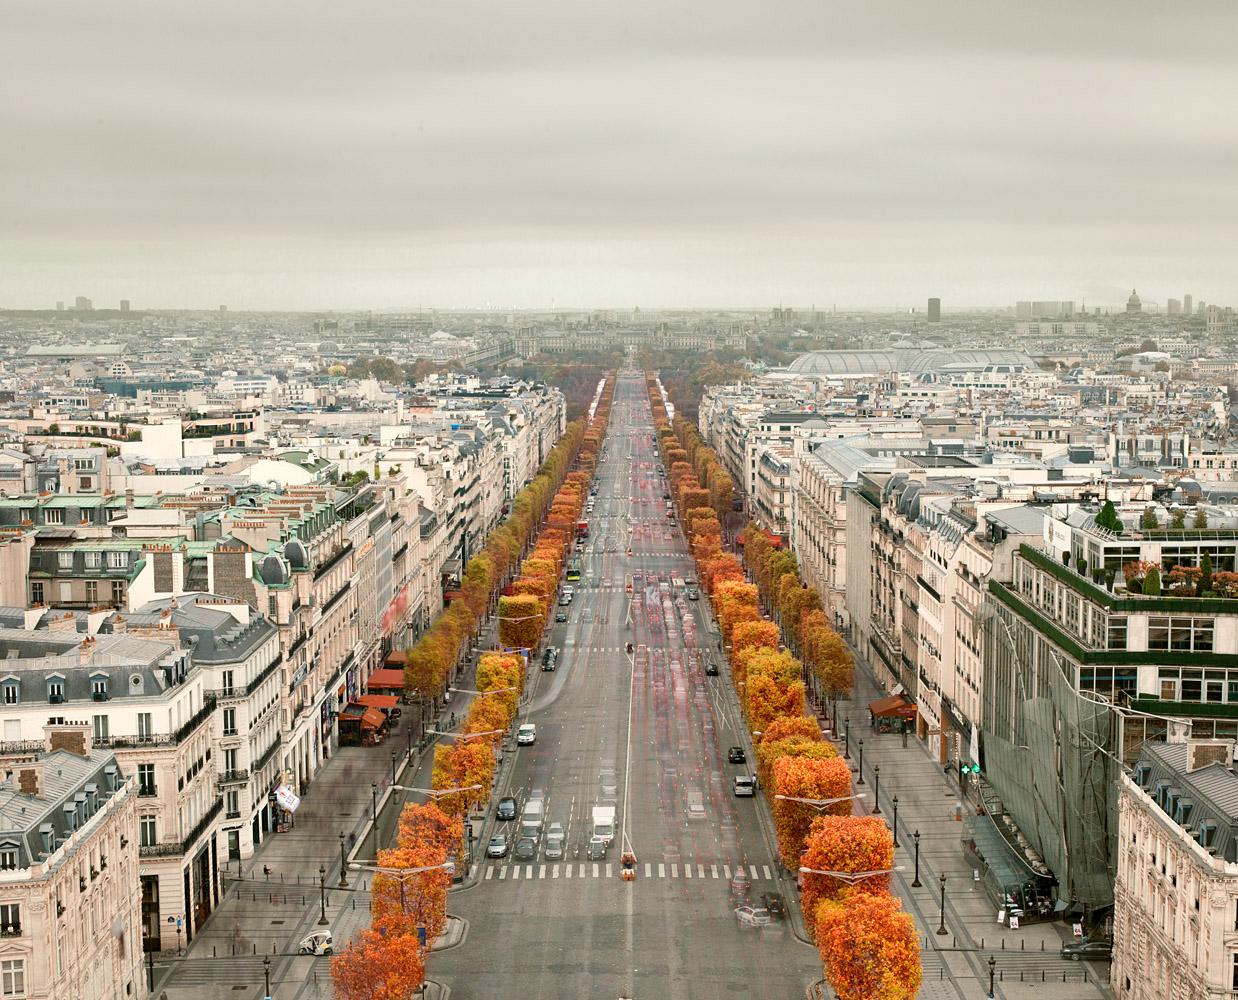 Avenue des Champs-Élysées, Paris France, 2012